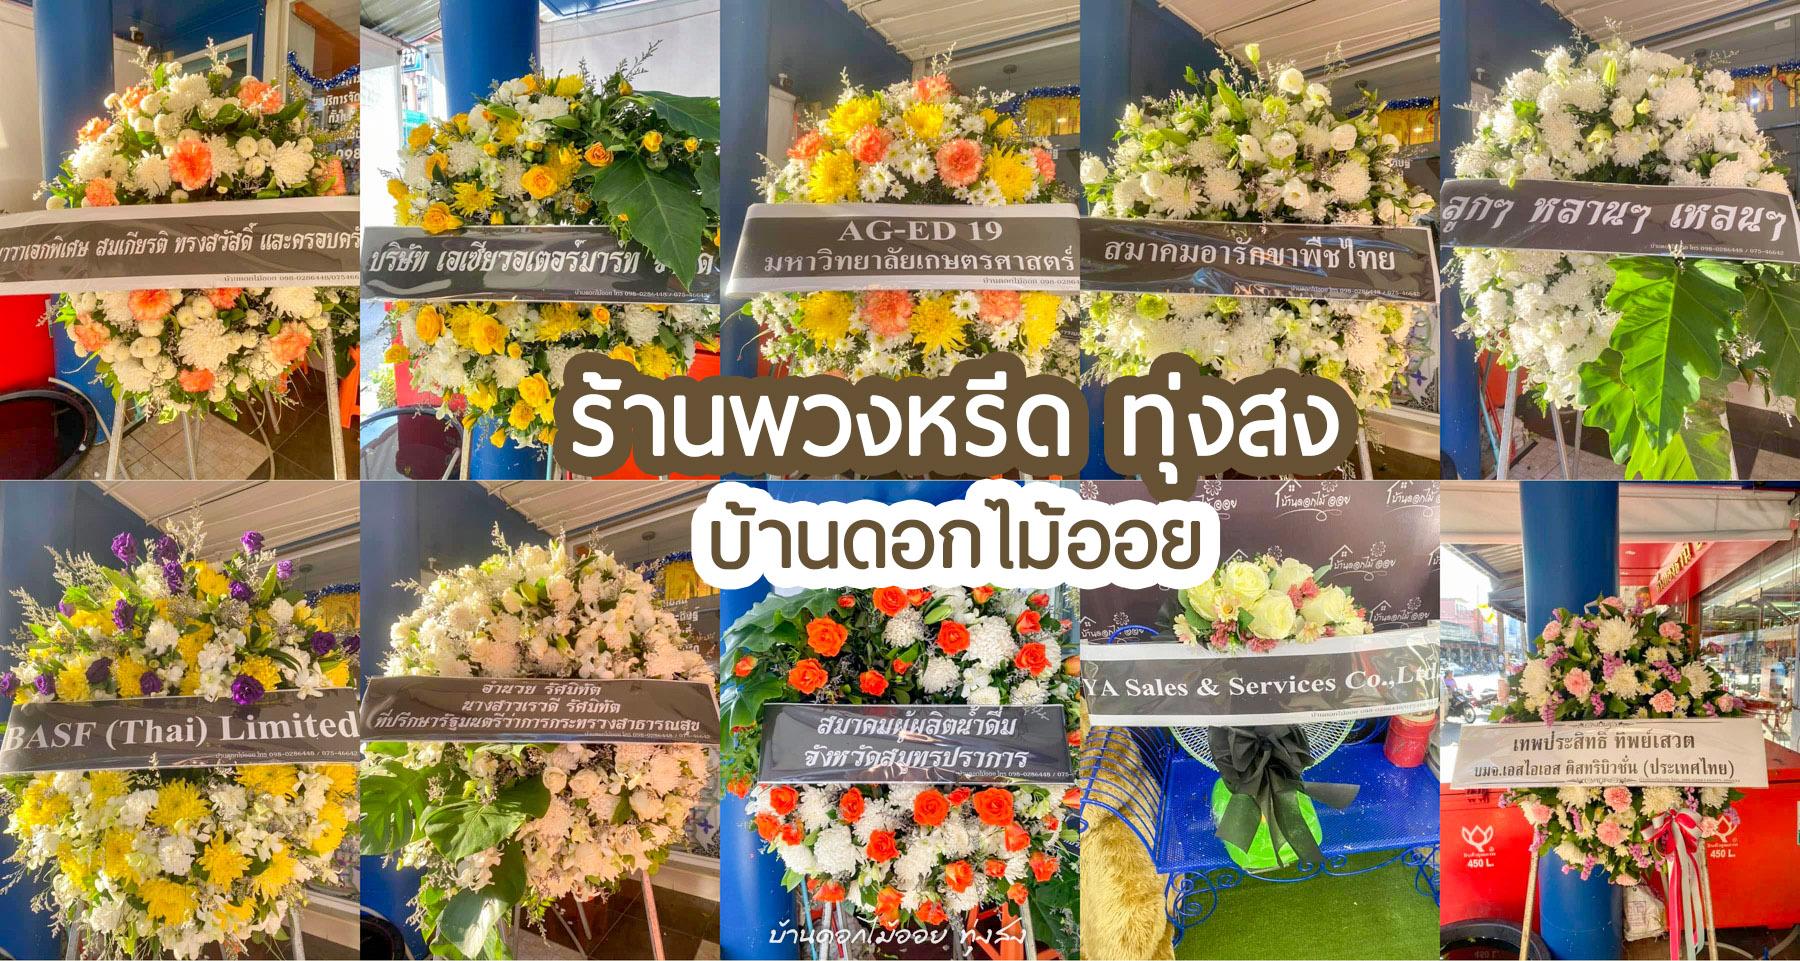 ร้านพวงหรีดทุ่งสง นครศรีธรรมราช ดอกไม้สด บ้านดอกไม้ออย 098-0286448